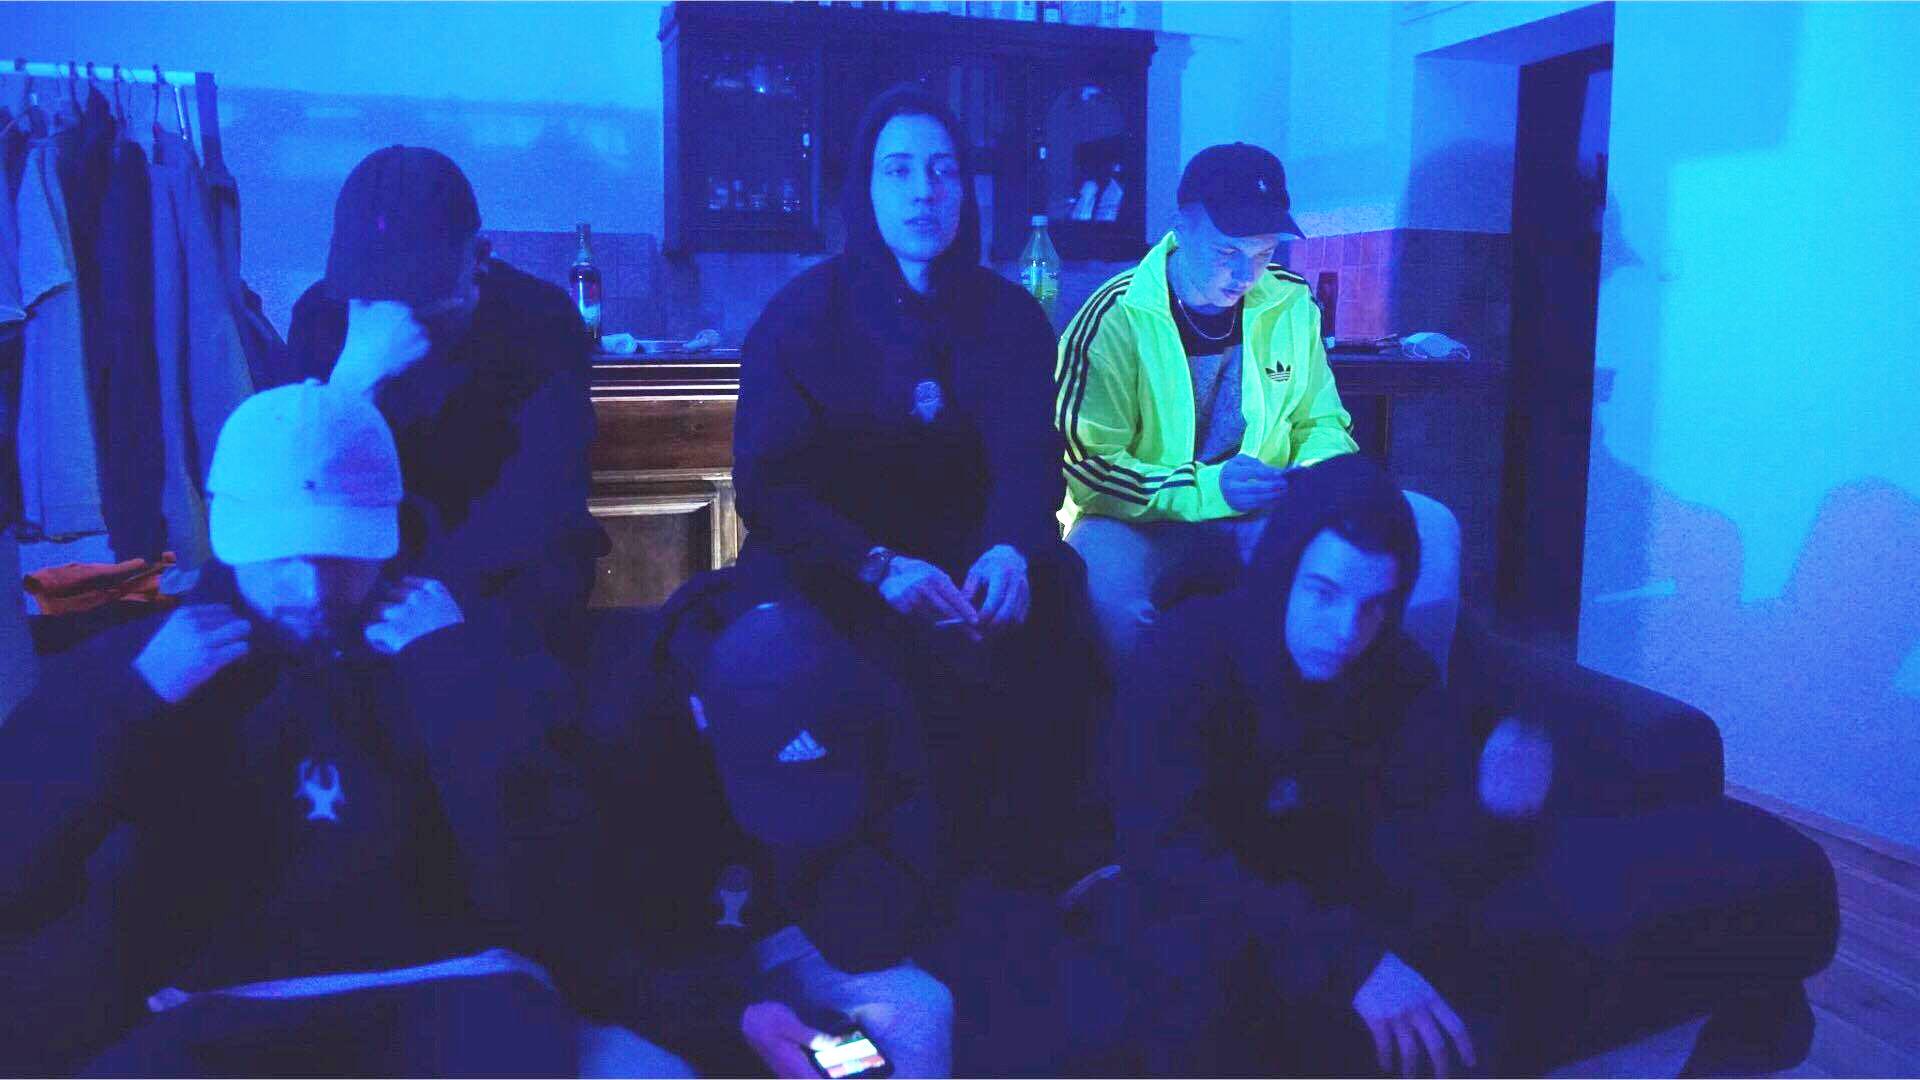 Pięciu chłopaków ubranych w dresy w ciemnym pokoju